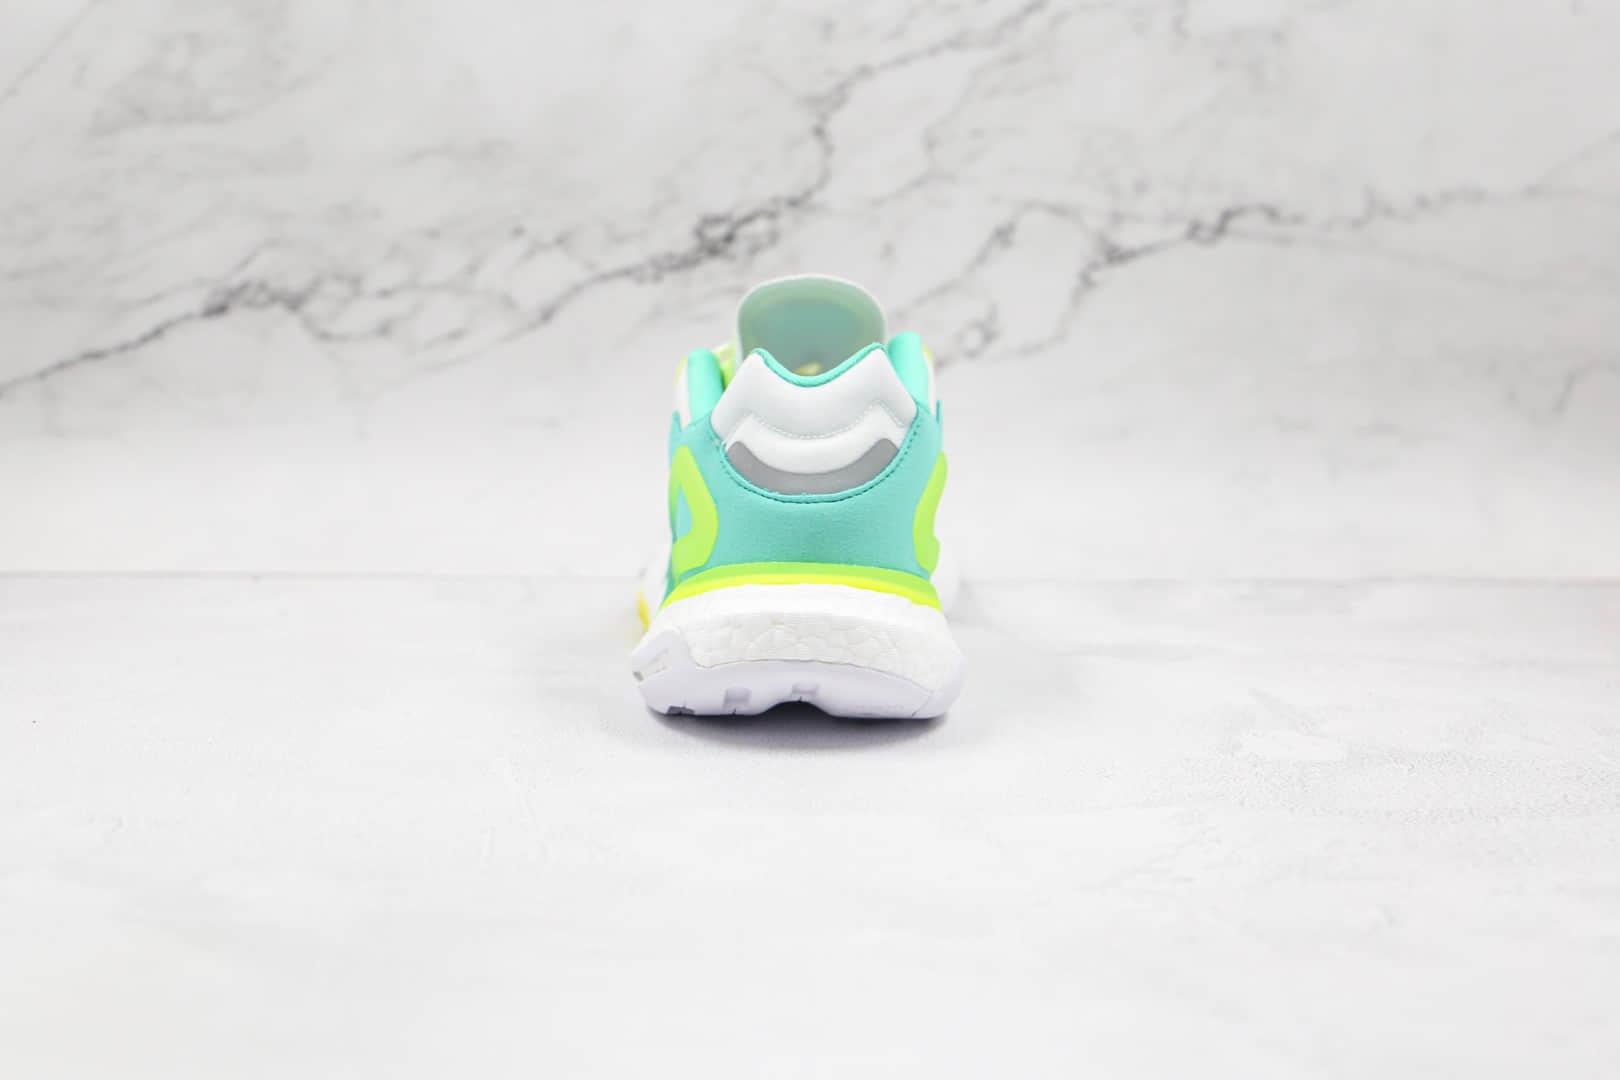 阿迪达斯Adidas Day Jogger 2021 Boost纯原版本夜行者二代陈奕迅同款爆米花复古跑鞋白绿色原鞋开模 货号:GW4913